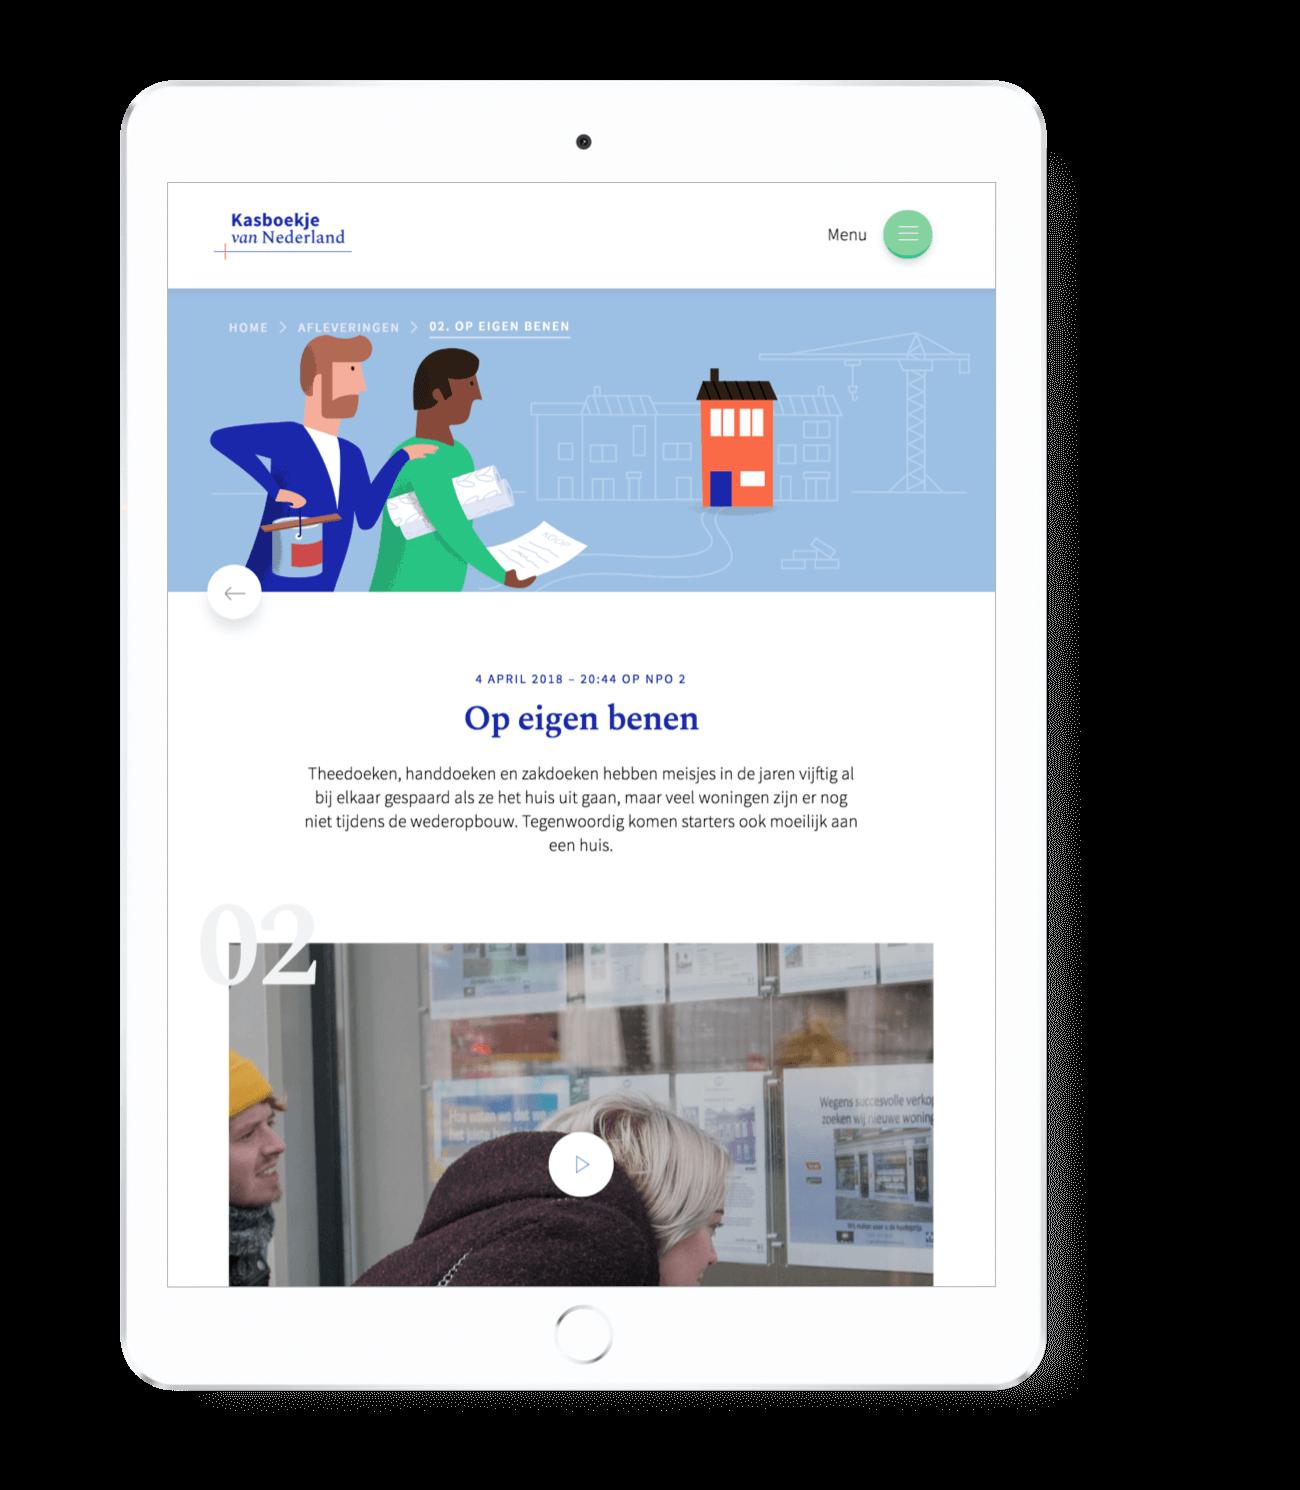 Kasboekje van Nederland afleveringen pagina op iPad tablet